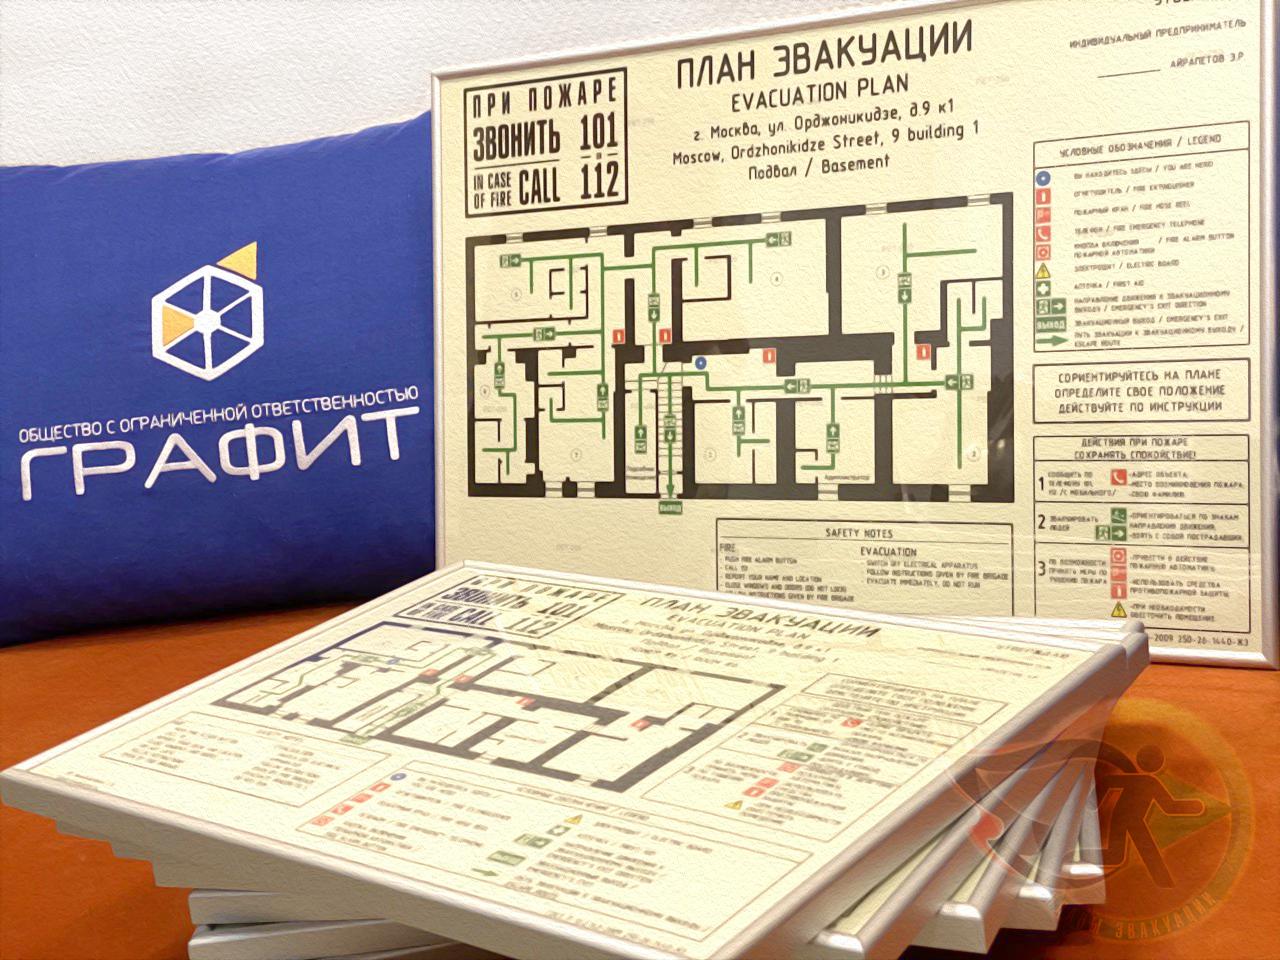 Фотография готовых планов эвакуации для гостиницы